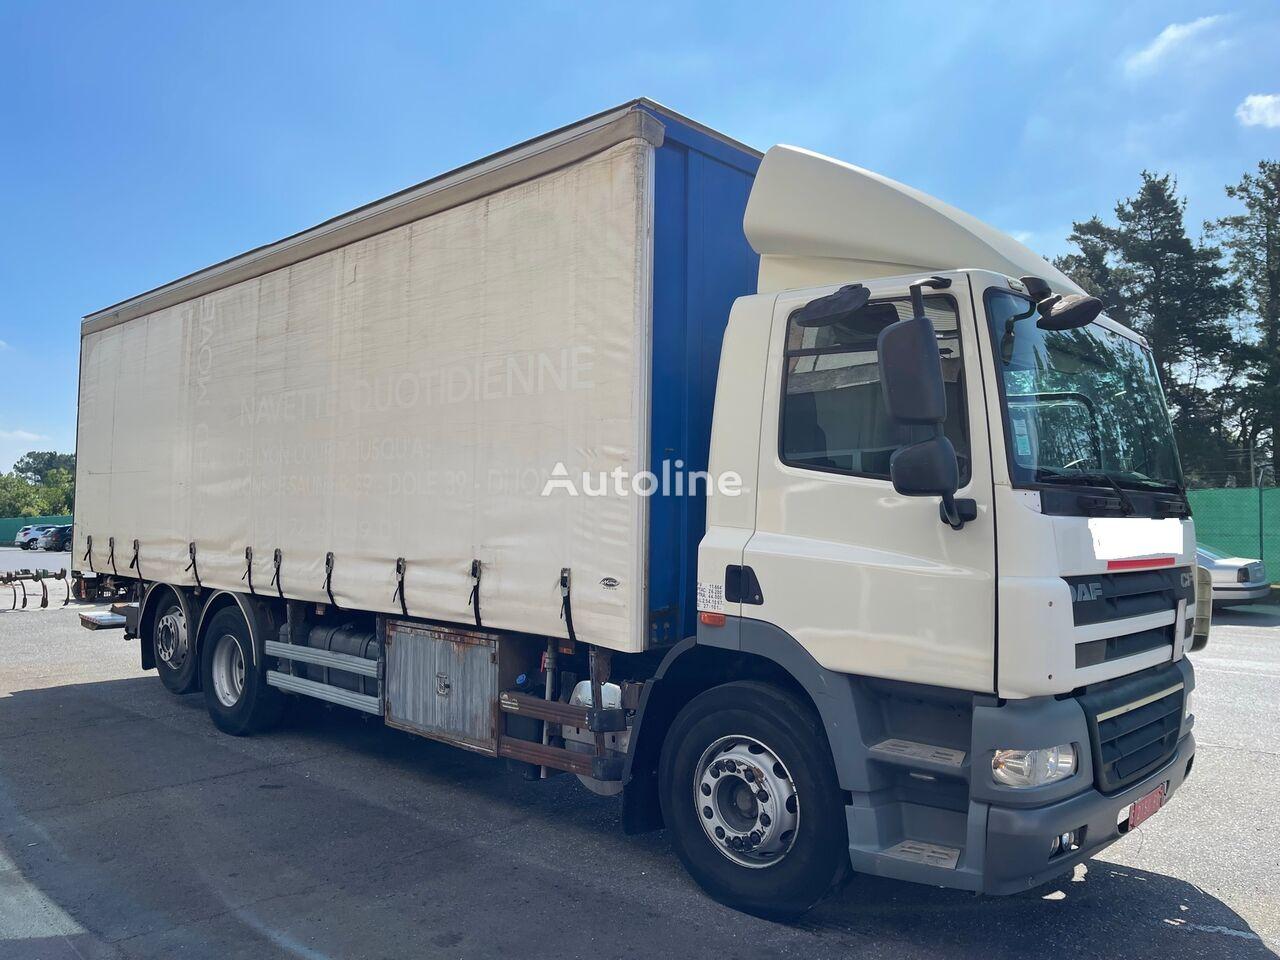 DAF CF 85 410 26T 6X2 TAULINER EURO 5 camión con lona corredera